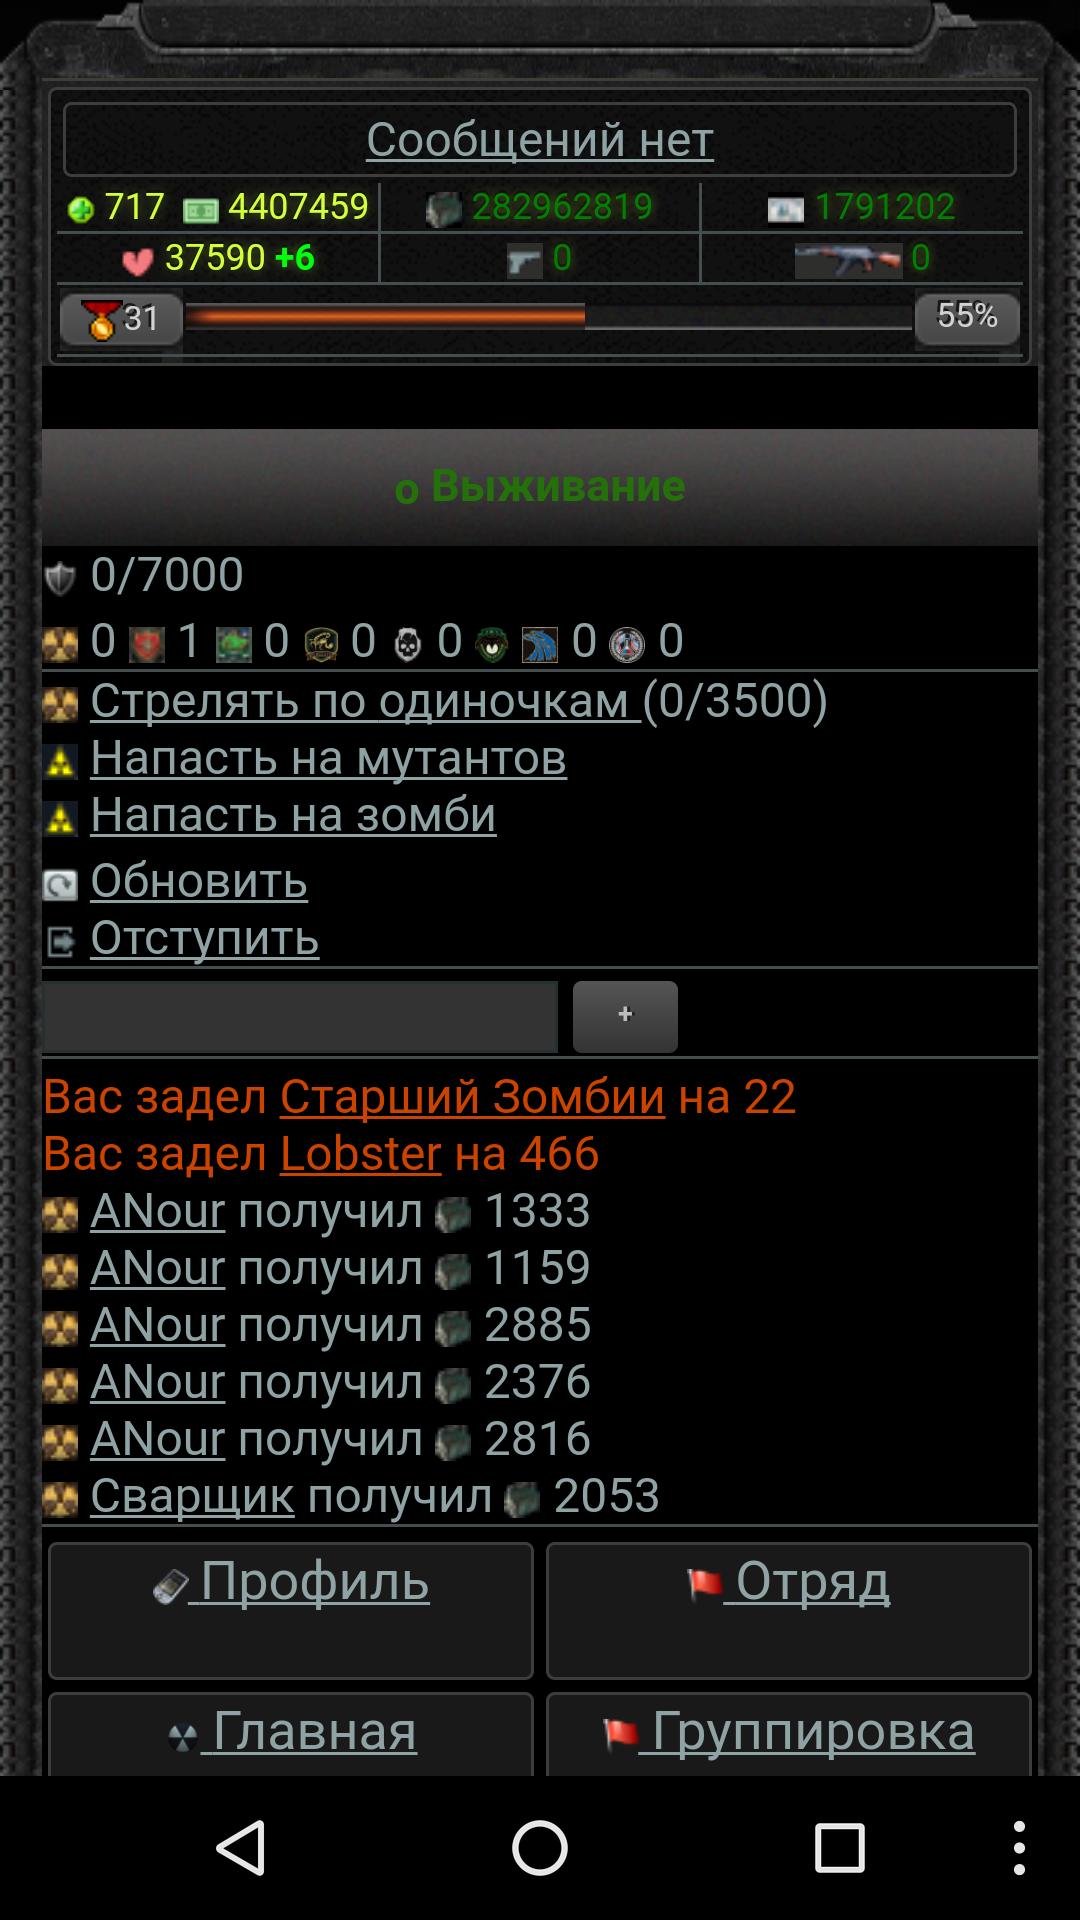 5458166a378b3b598ea397040af7fa7d.png